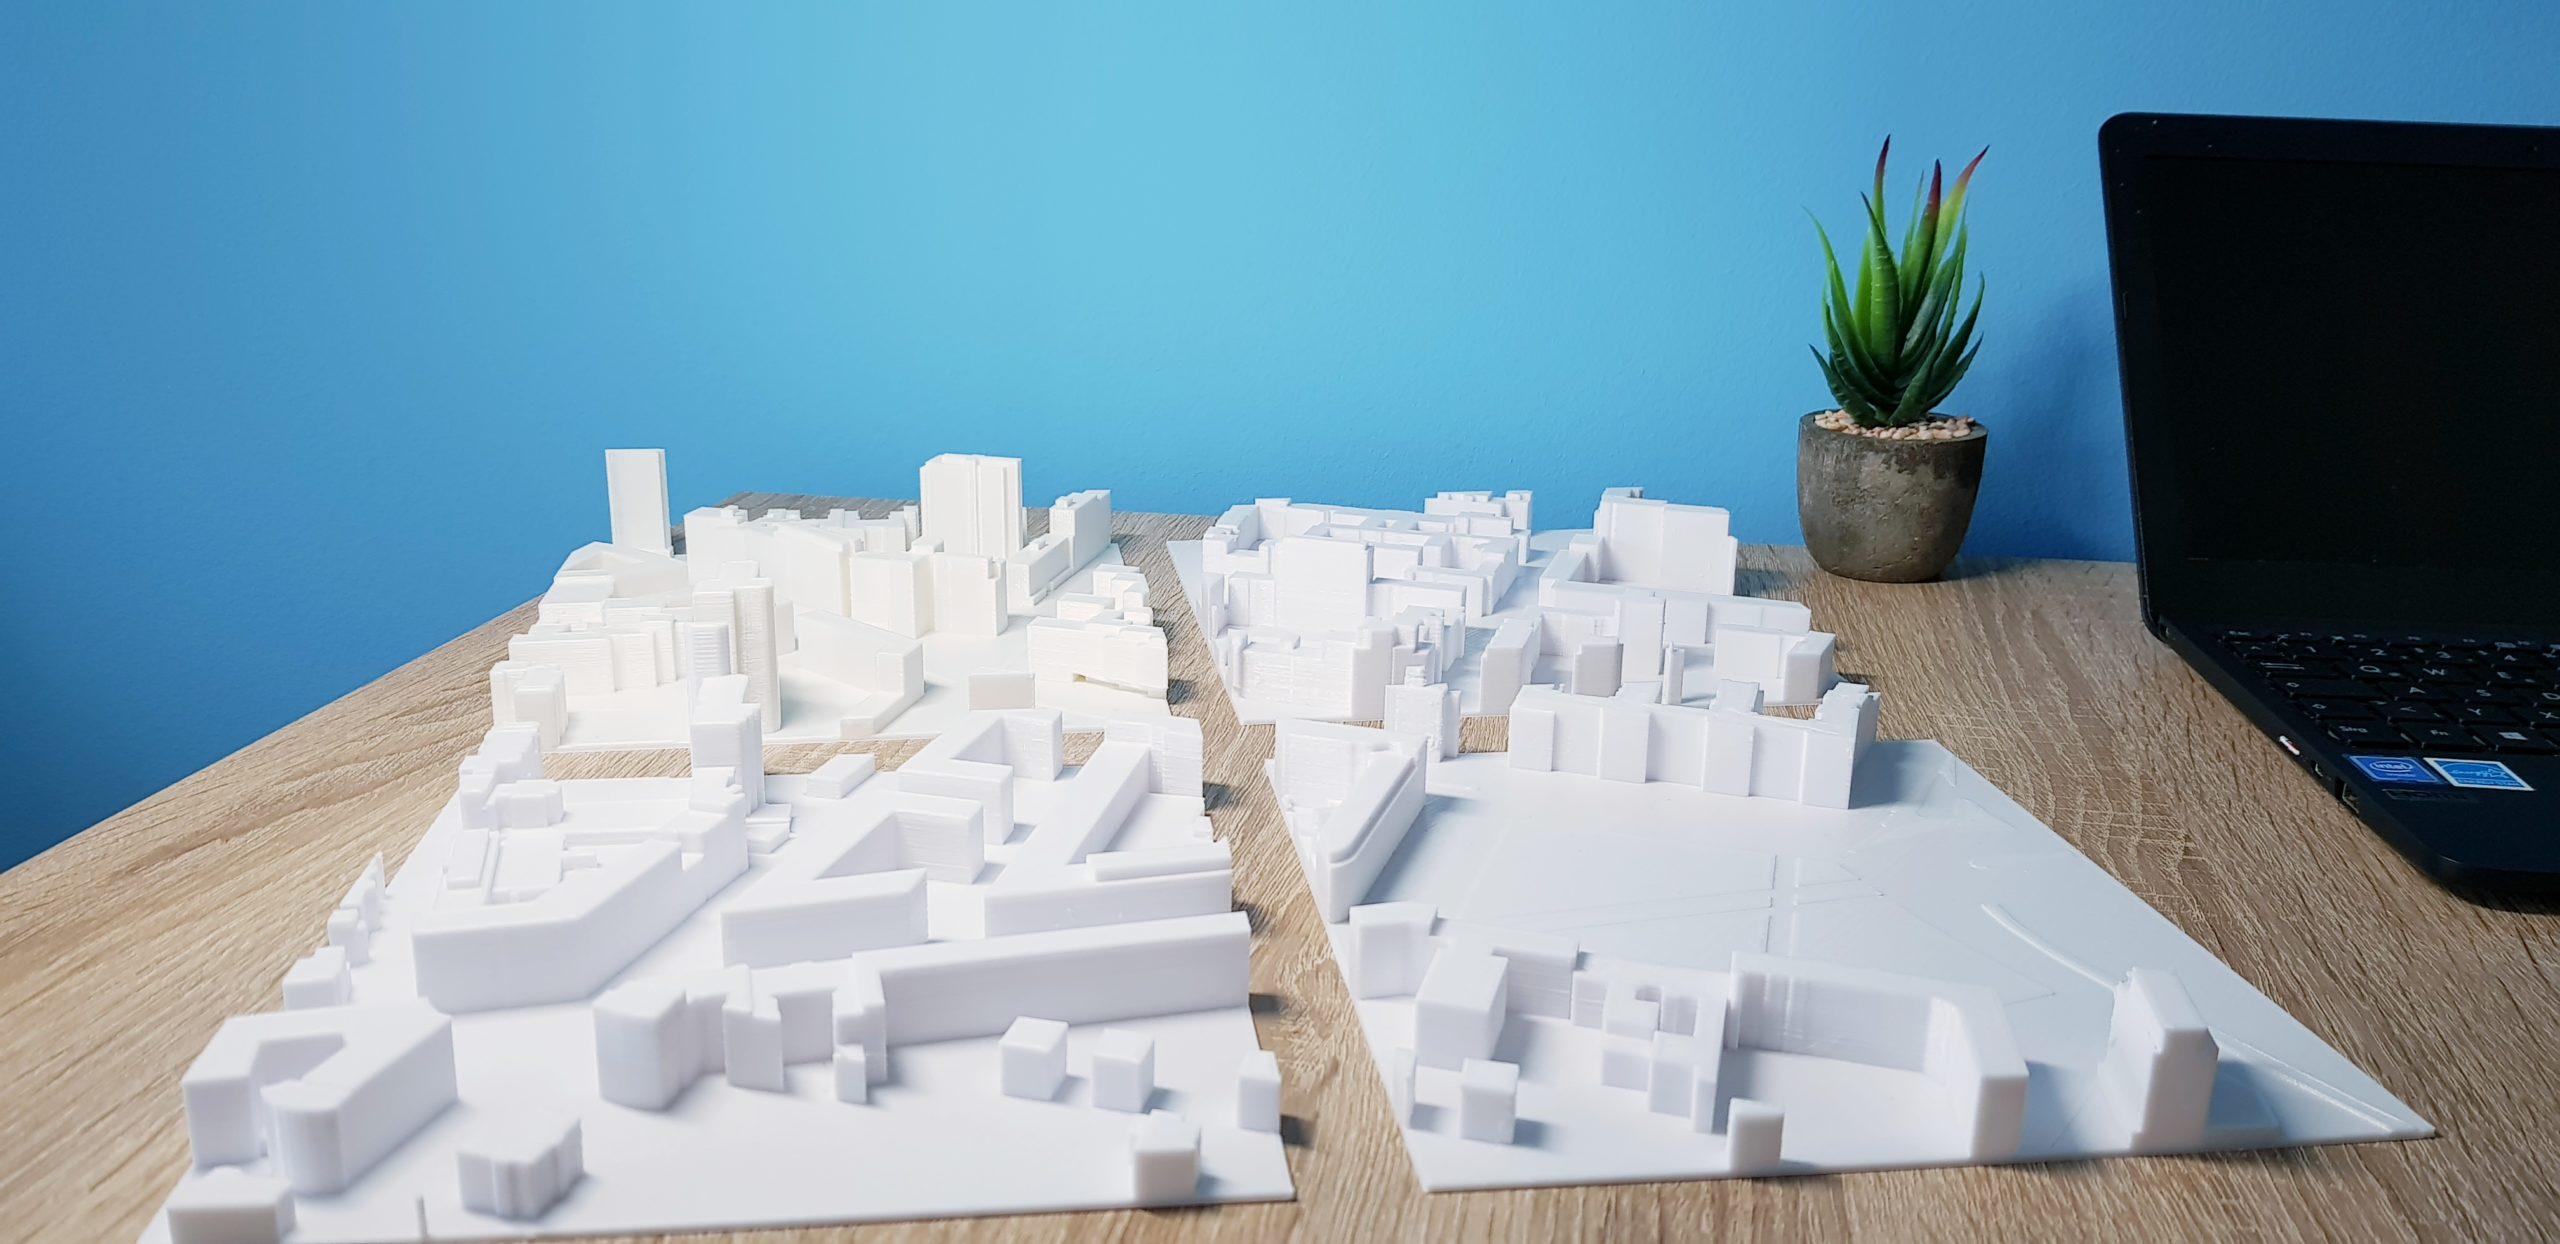 Aufgeteiltes Architekturmodell aus dem 3D-Drucker